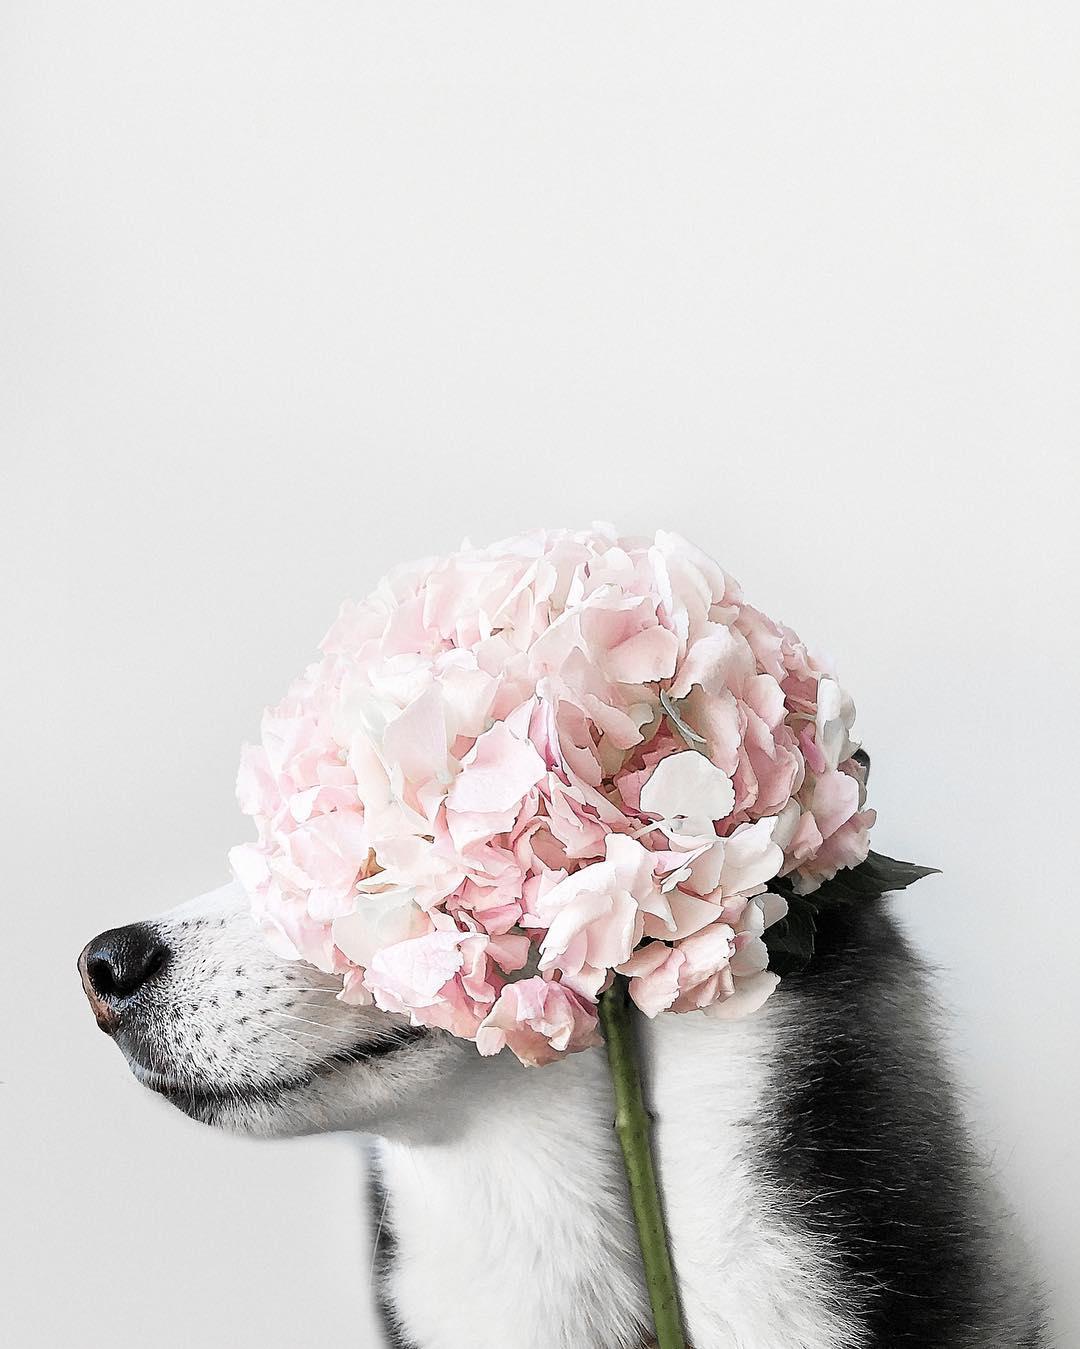 А кто сказал, что собаки не любят цветы?) Фото: @elineckajulia